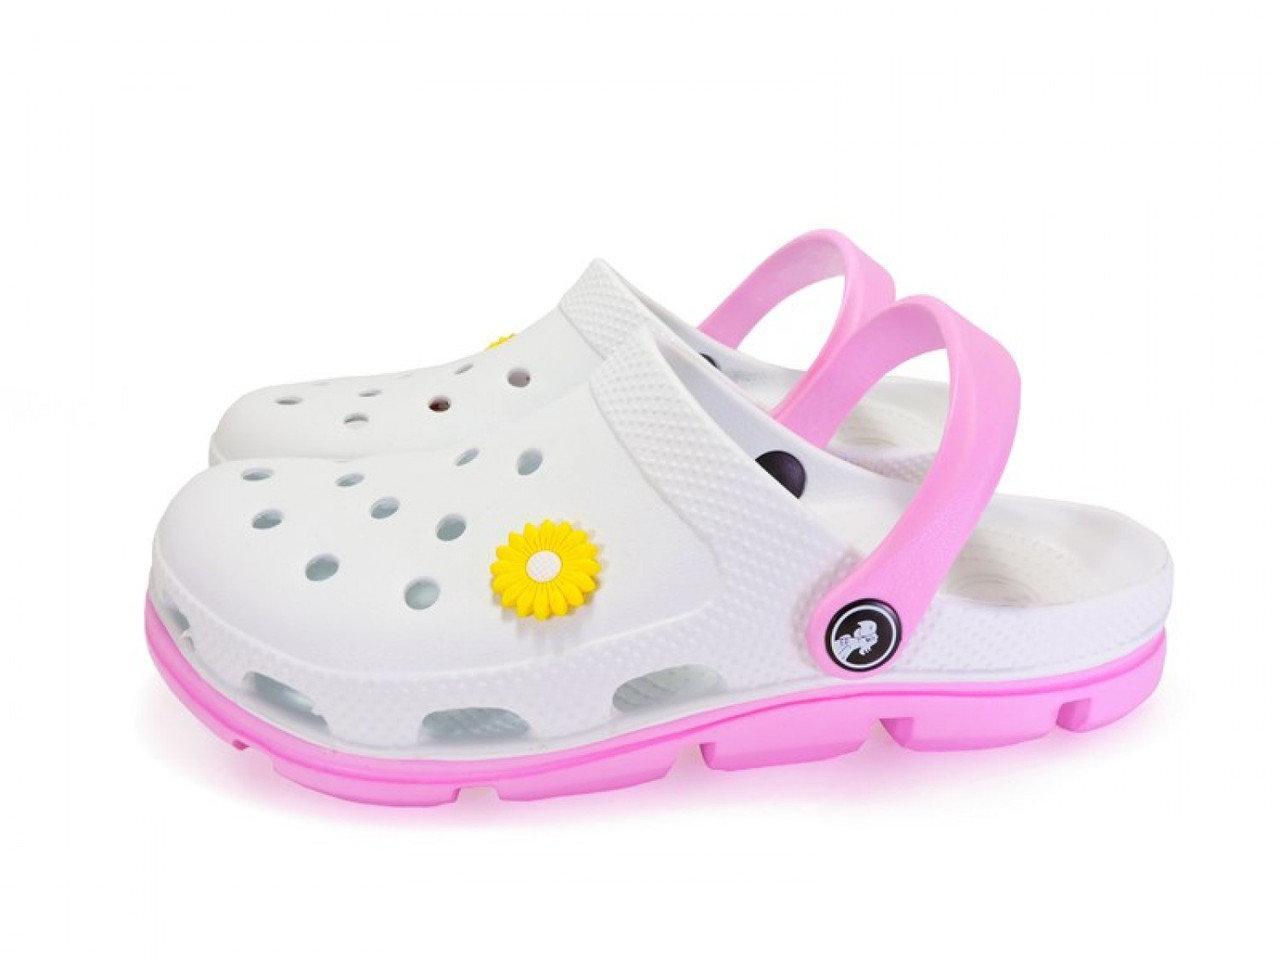 Кроксы из легкой пены ЭВА, р-ры 36, 37, 38, 39, 40, 41 Белые женские сабо Медицинская обувь.